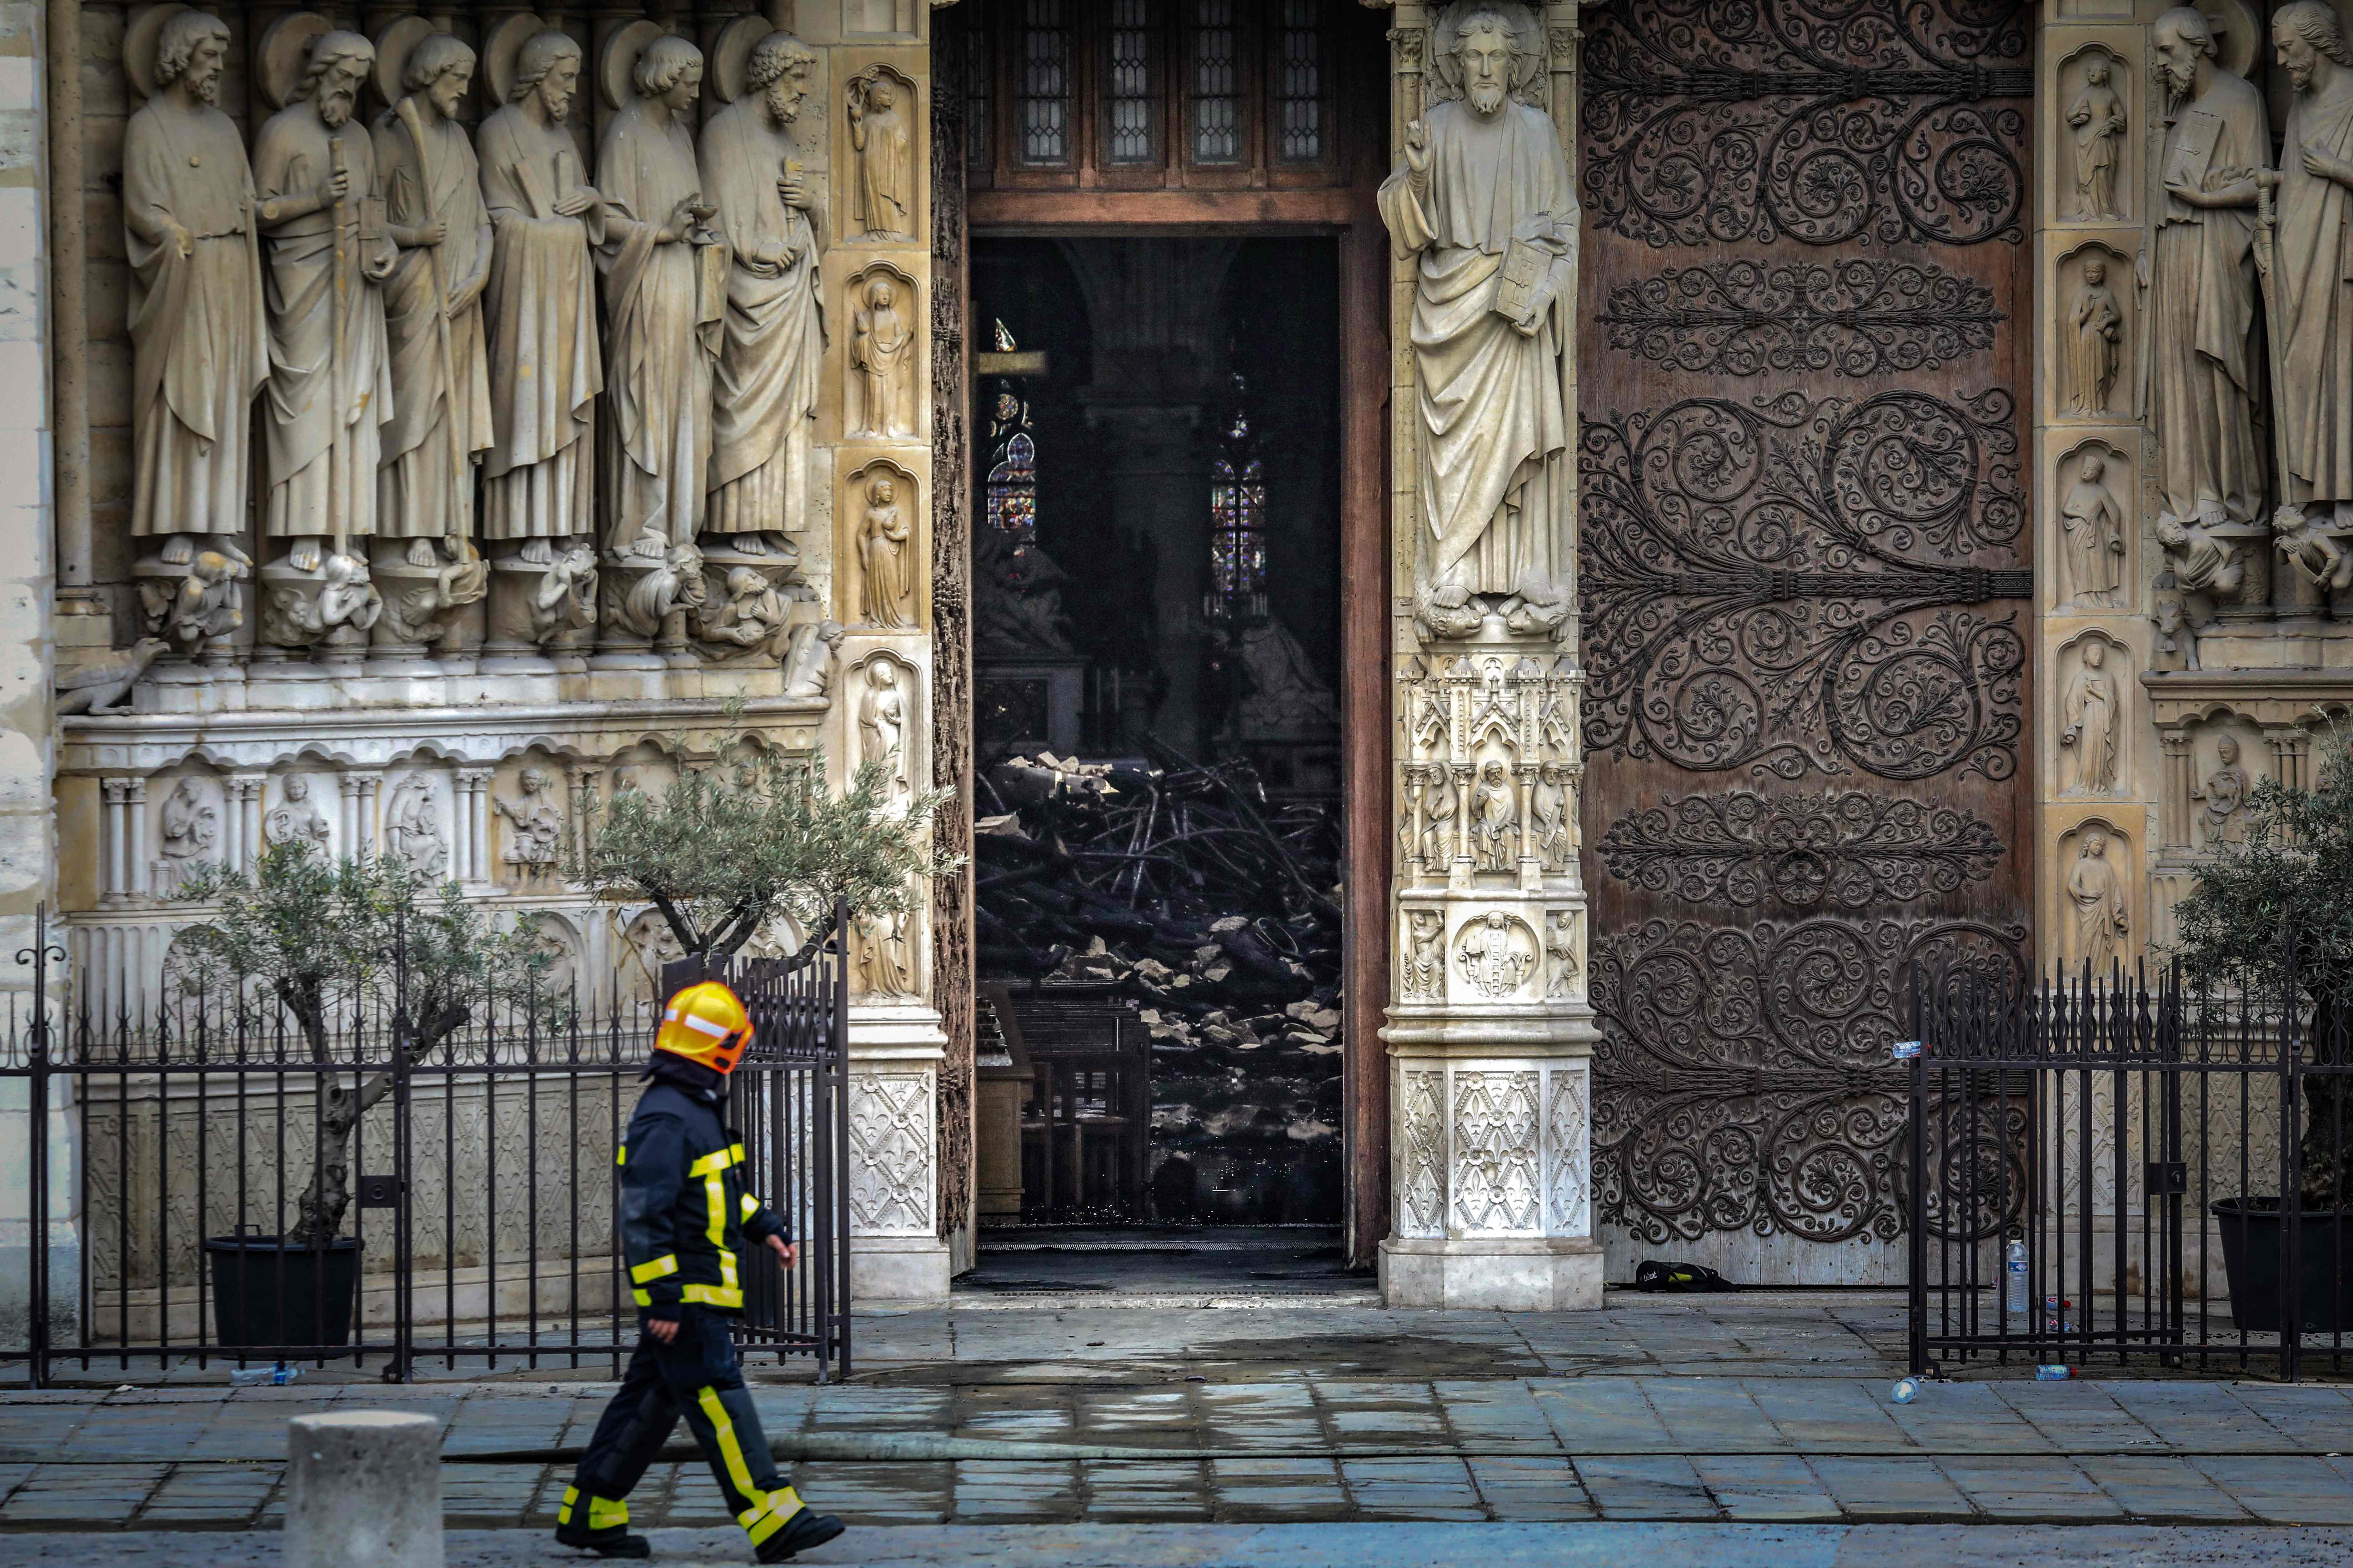 Bomberos evalúan el lugar después de que se desplomara el techo y la torre de la Catedral. Foto Prensa Libre: AFP